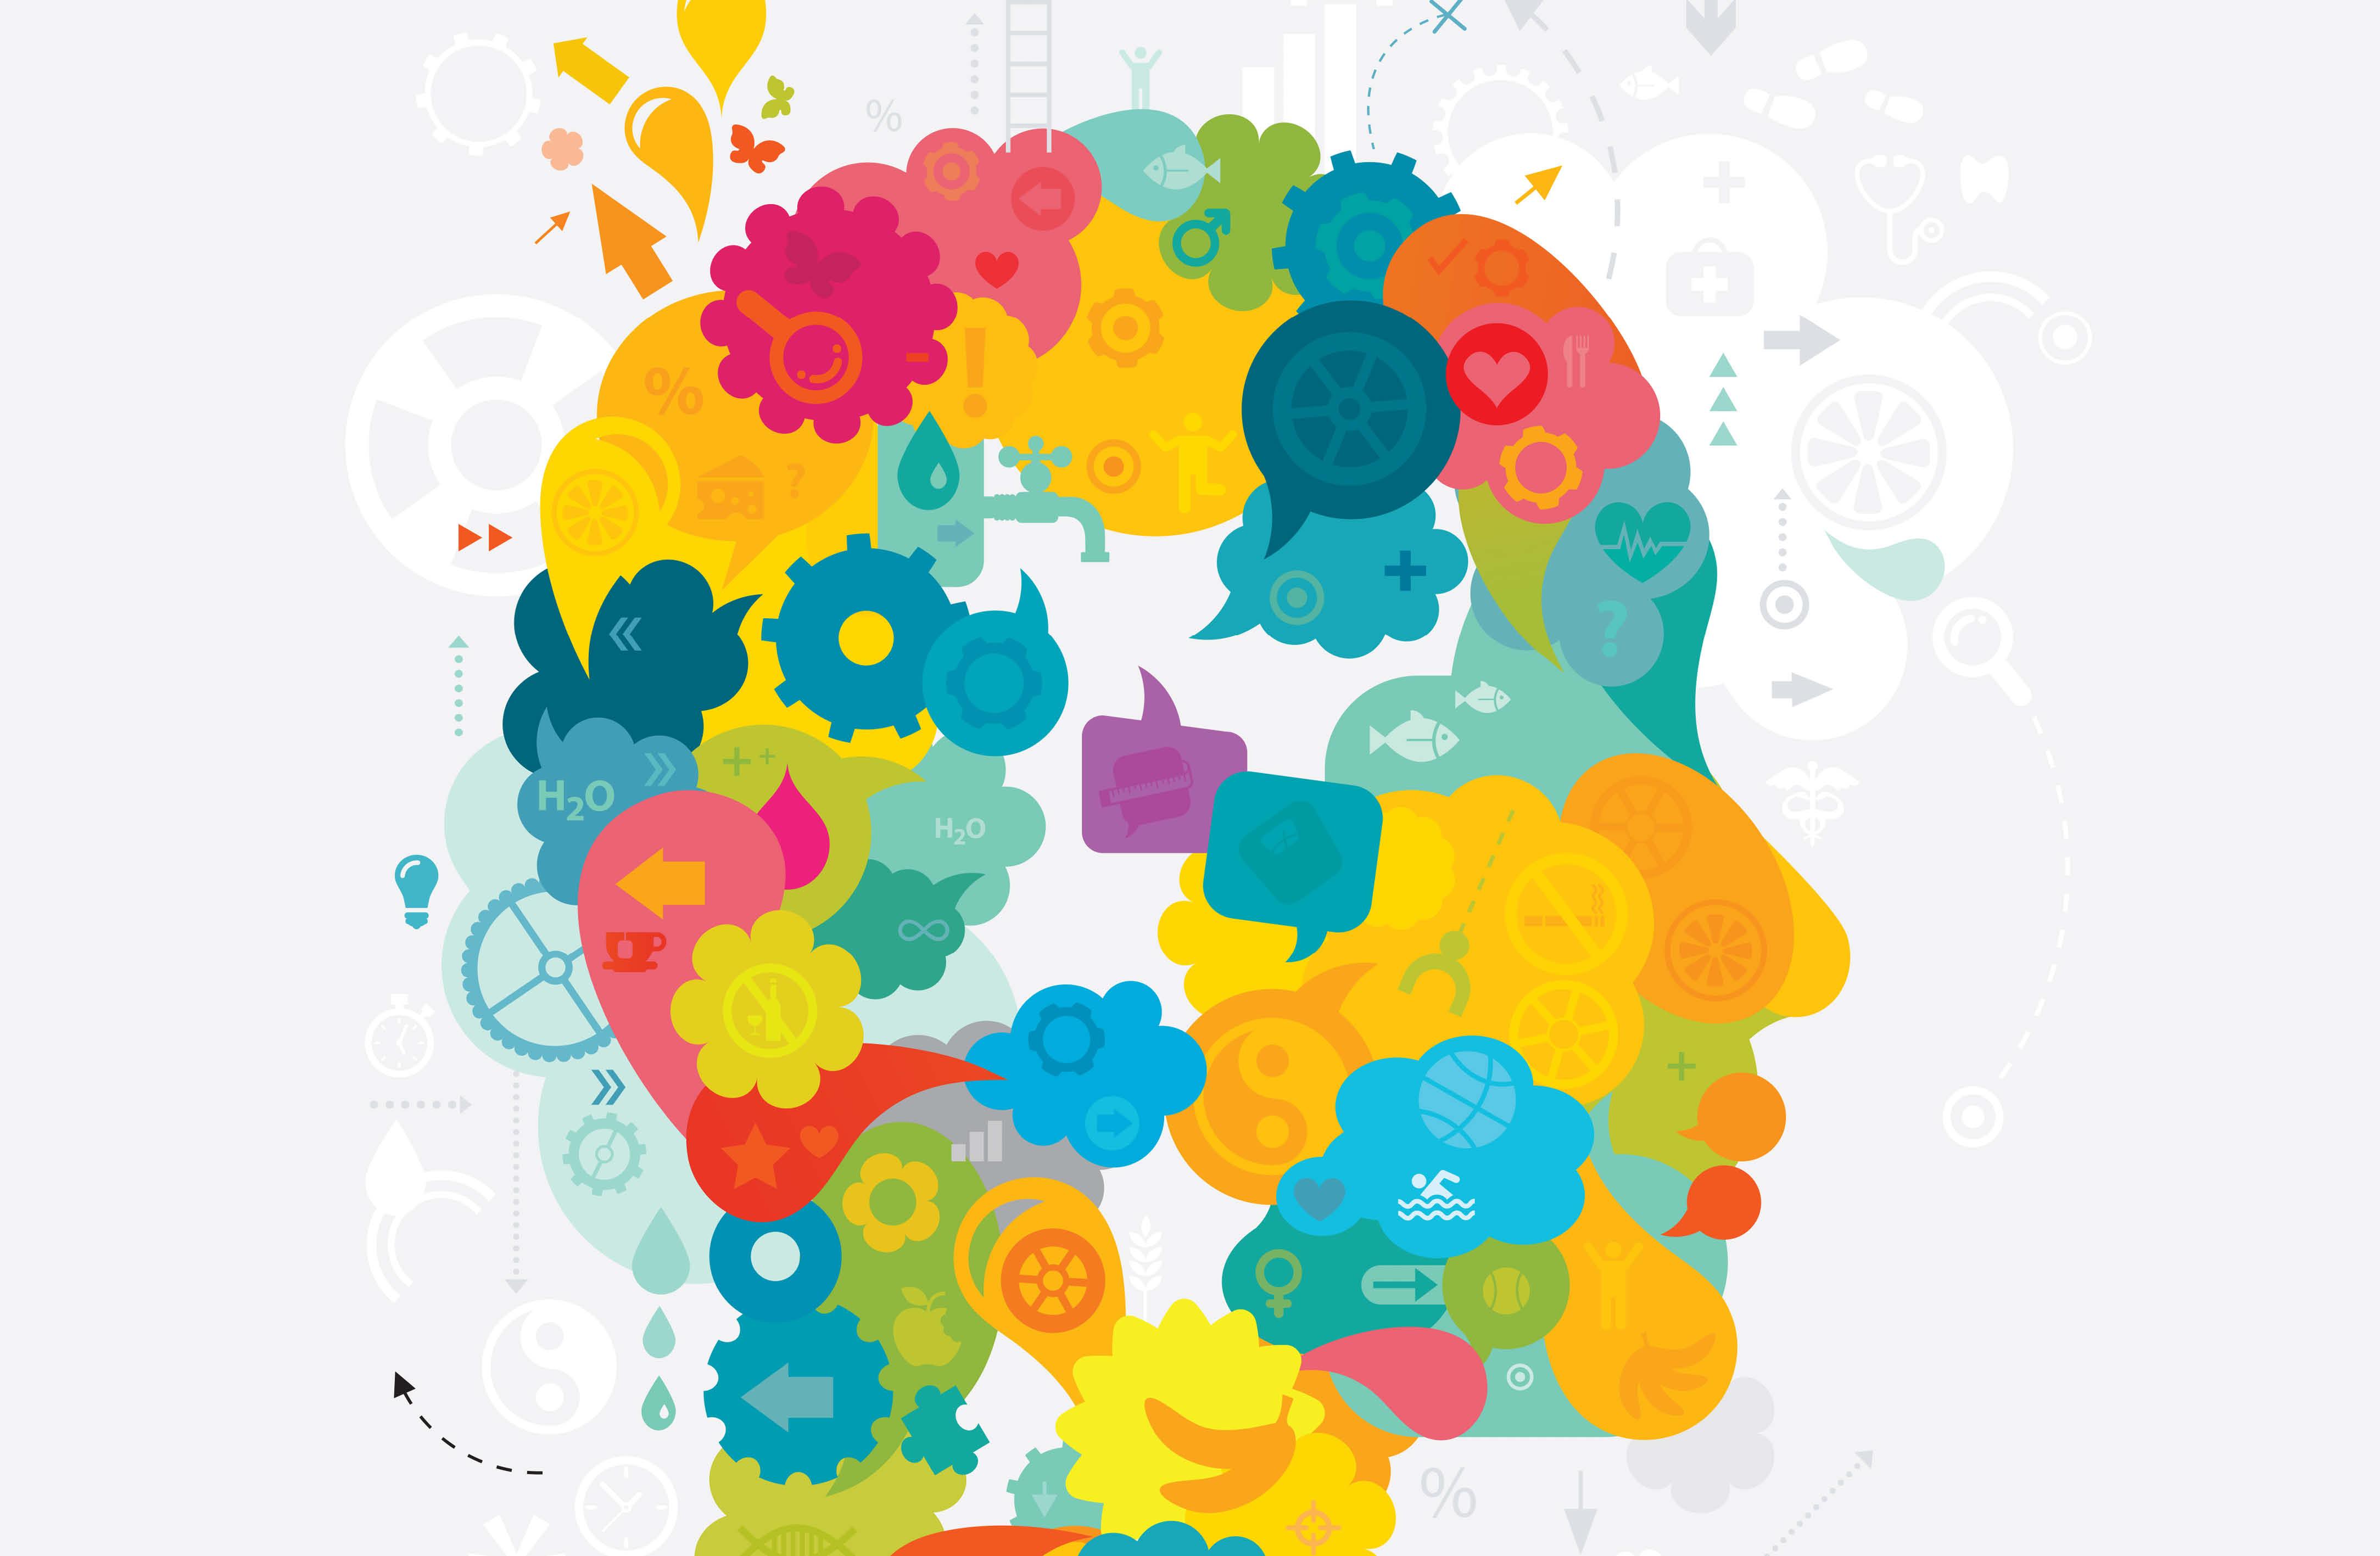 Mental Health and Addictions thumbnail image.